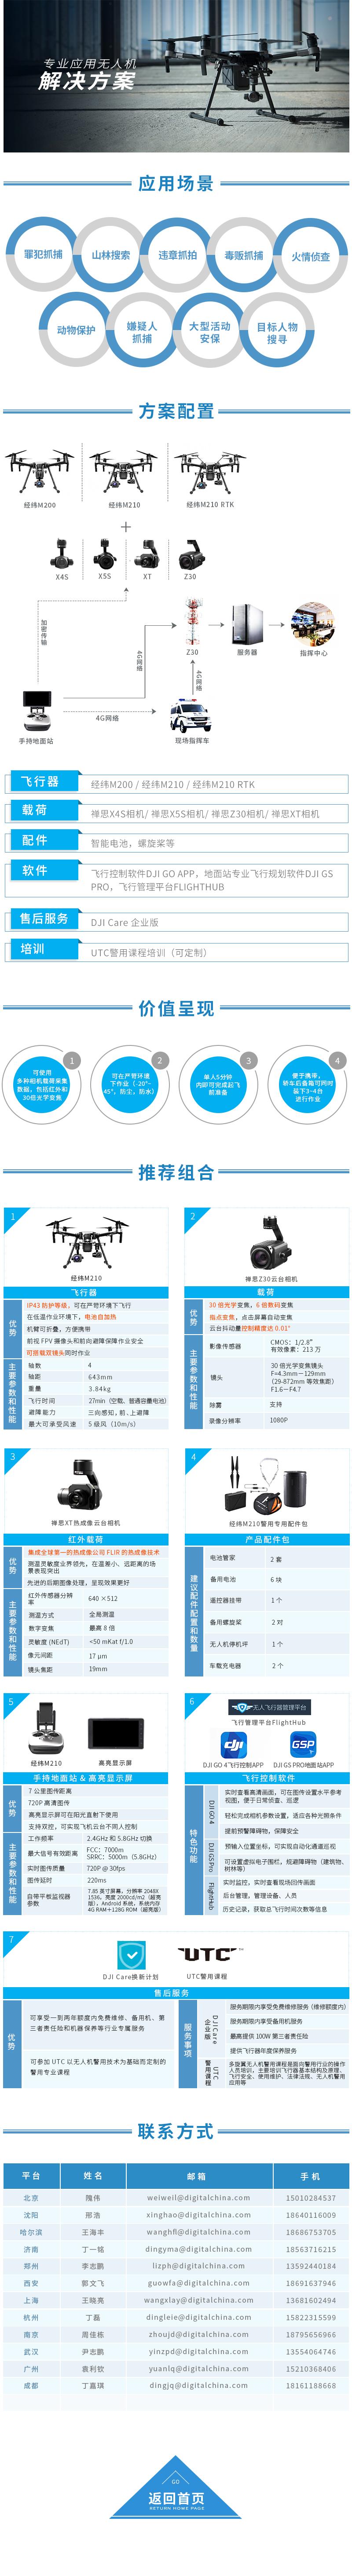 4-专业应用无人机解决方案.jpg